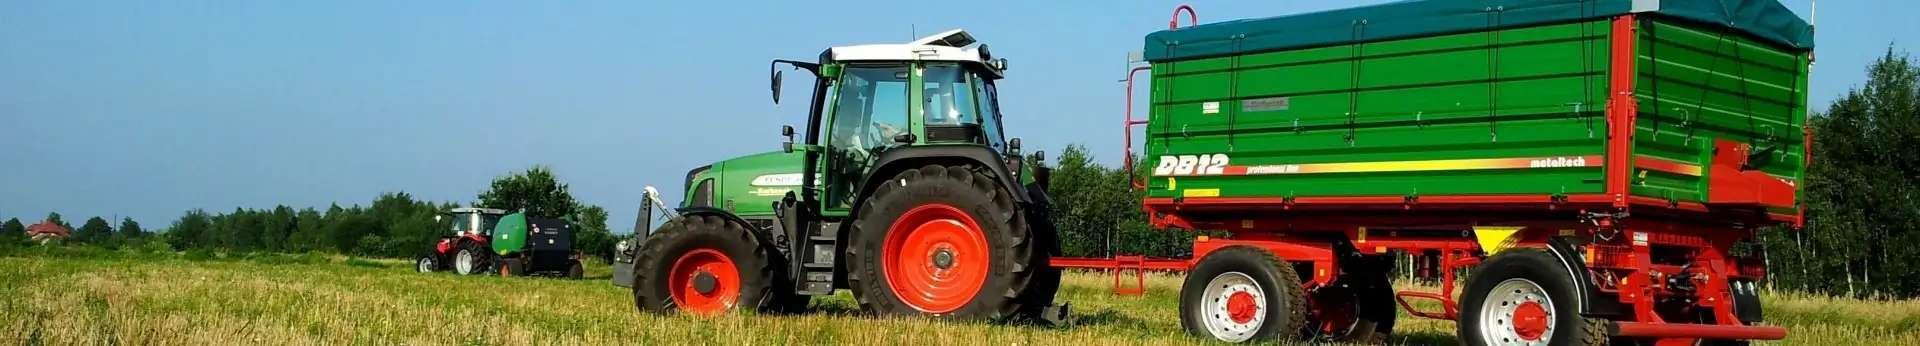 Zdjecie przedstawiajace przyczepę rolniczą DB12 Metaltech, dwuosiowa, trójstronny wywrót.